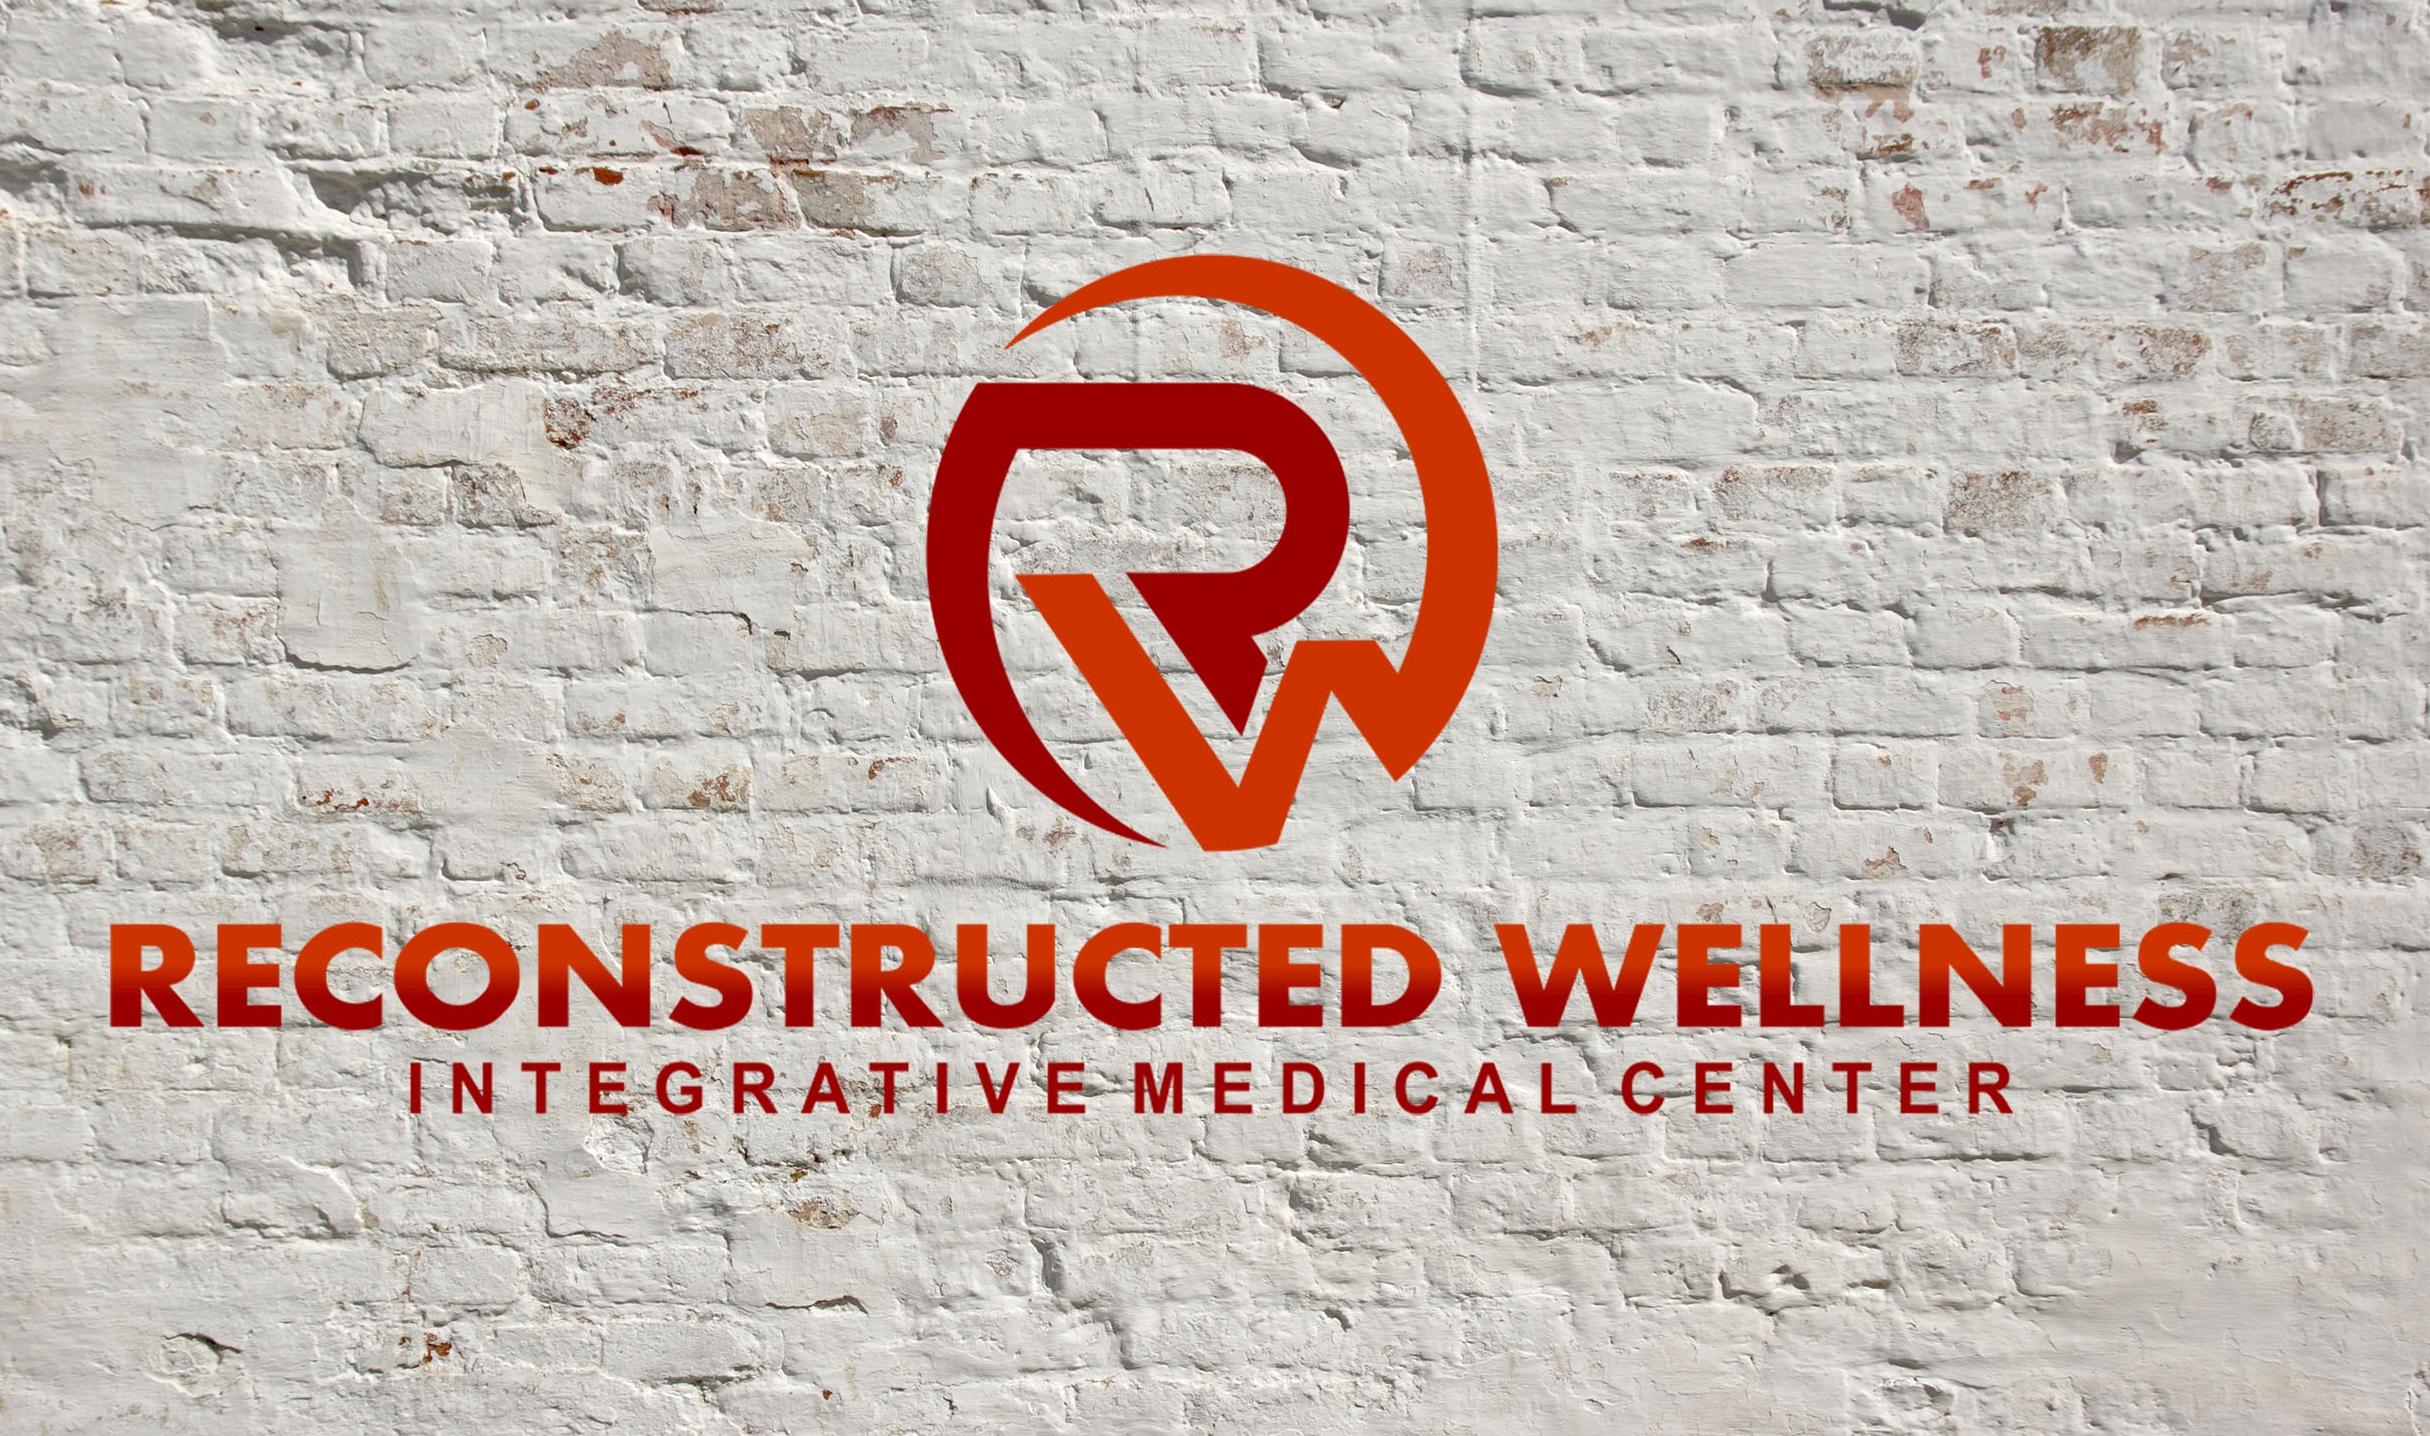 RW white brick.jpg